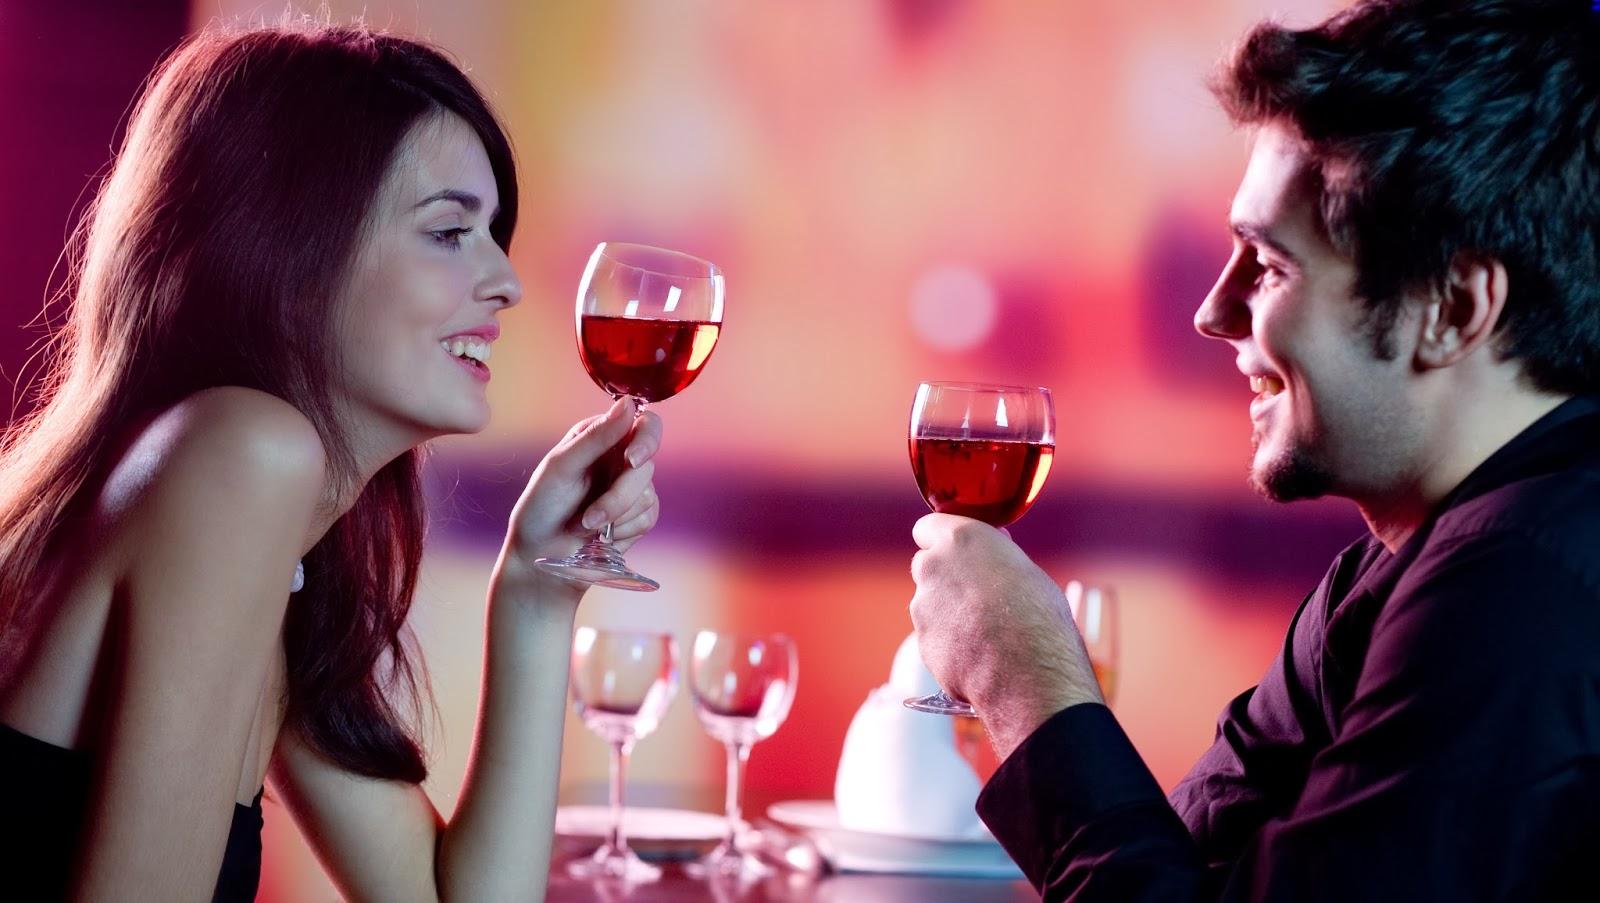 Tények a zsaru randizásáról